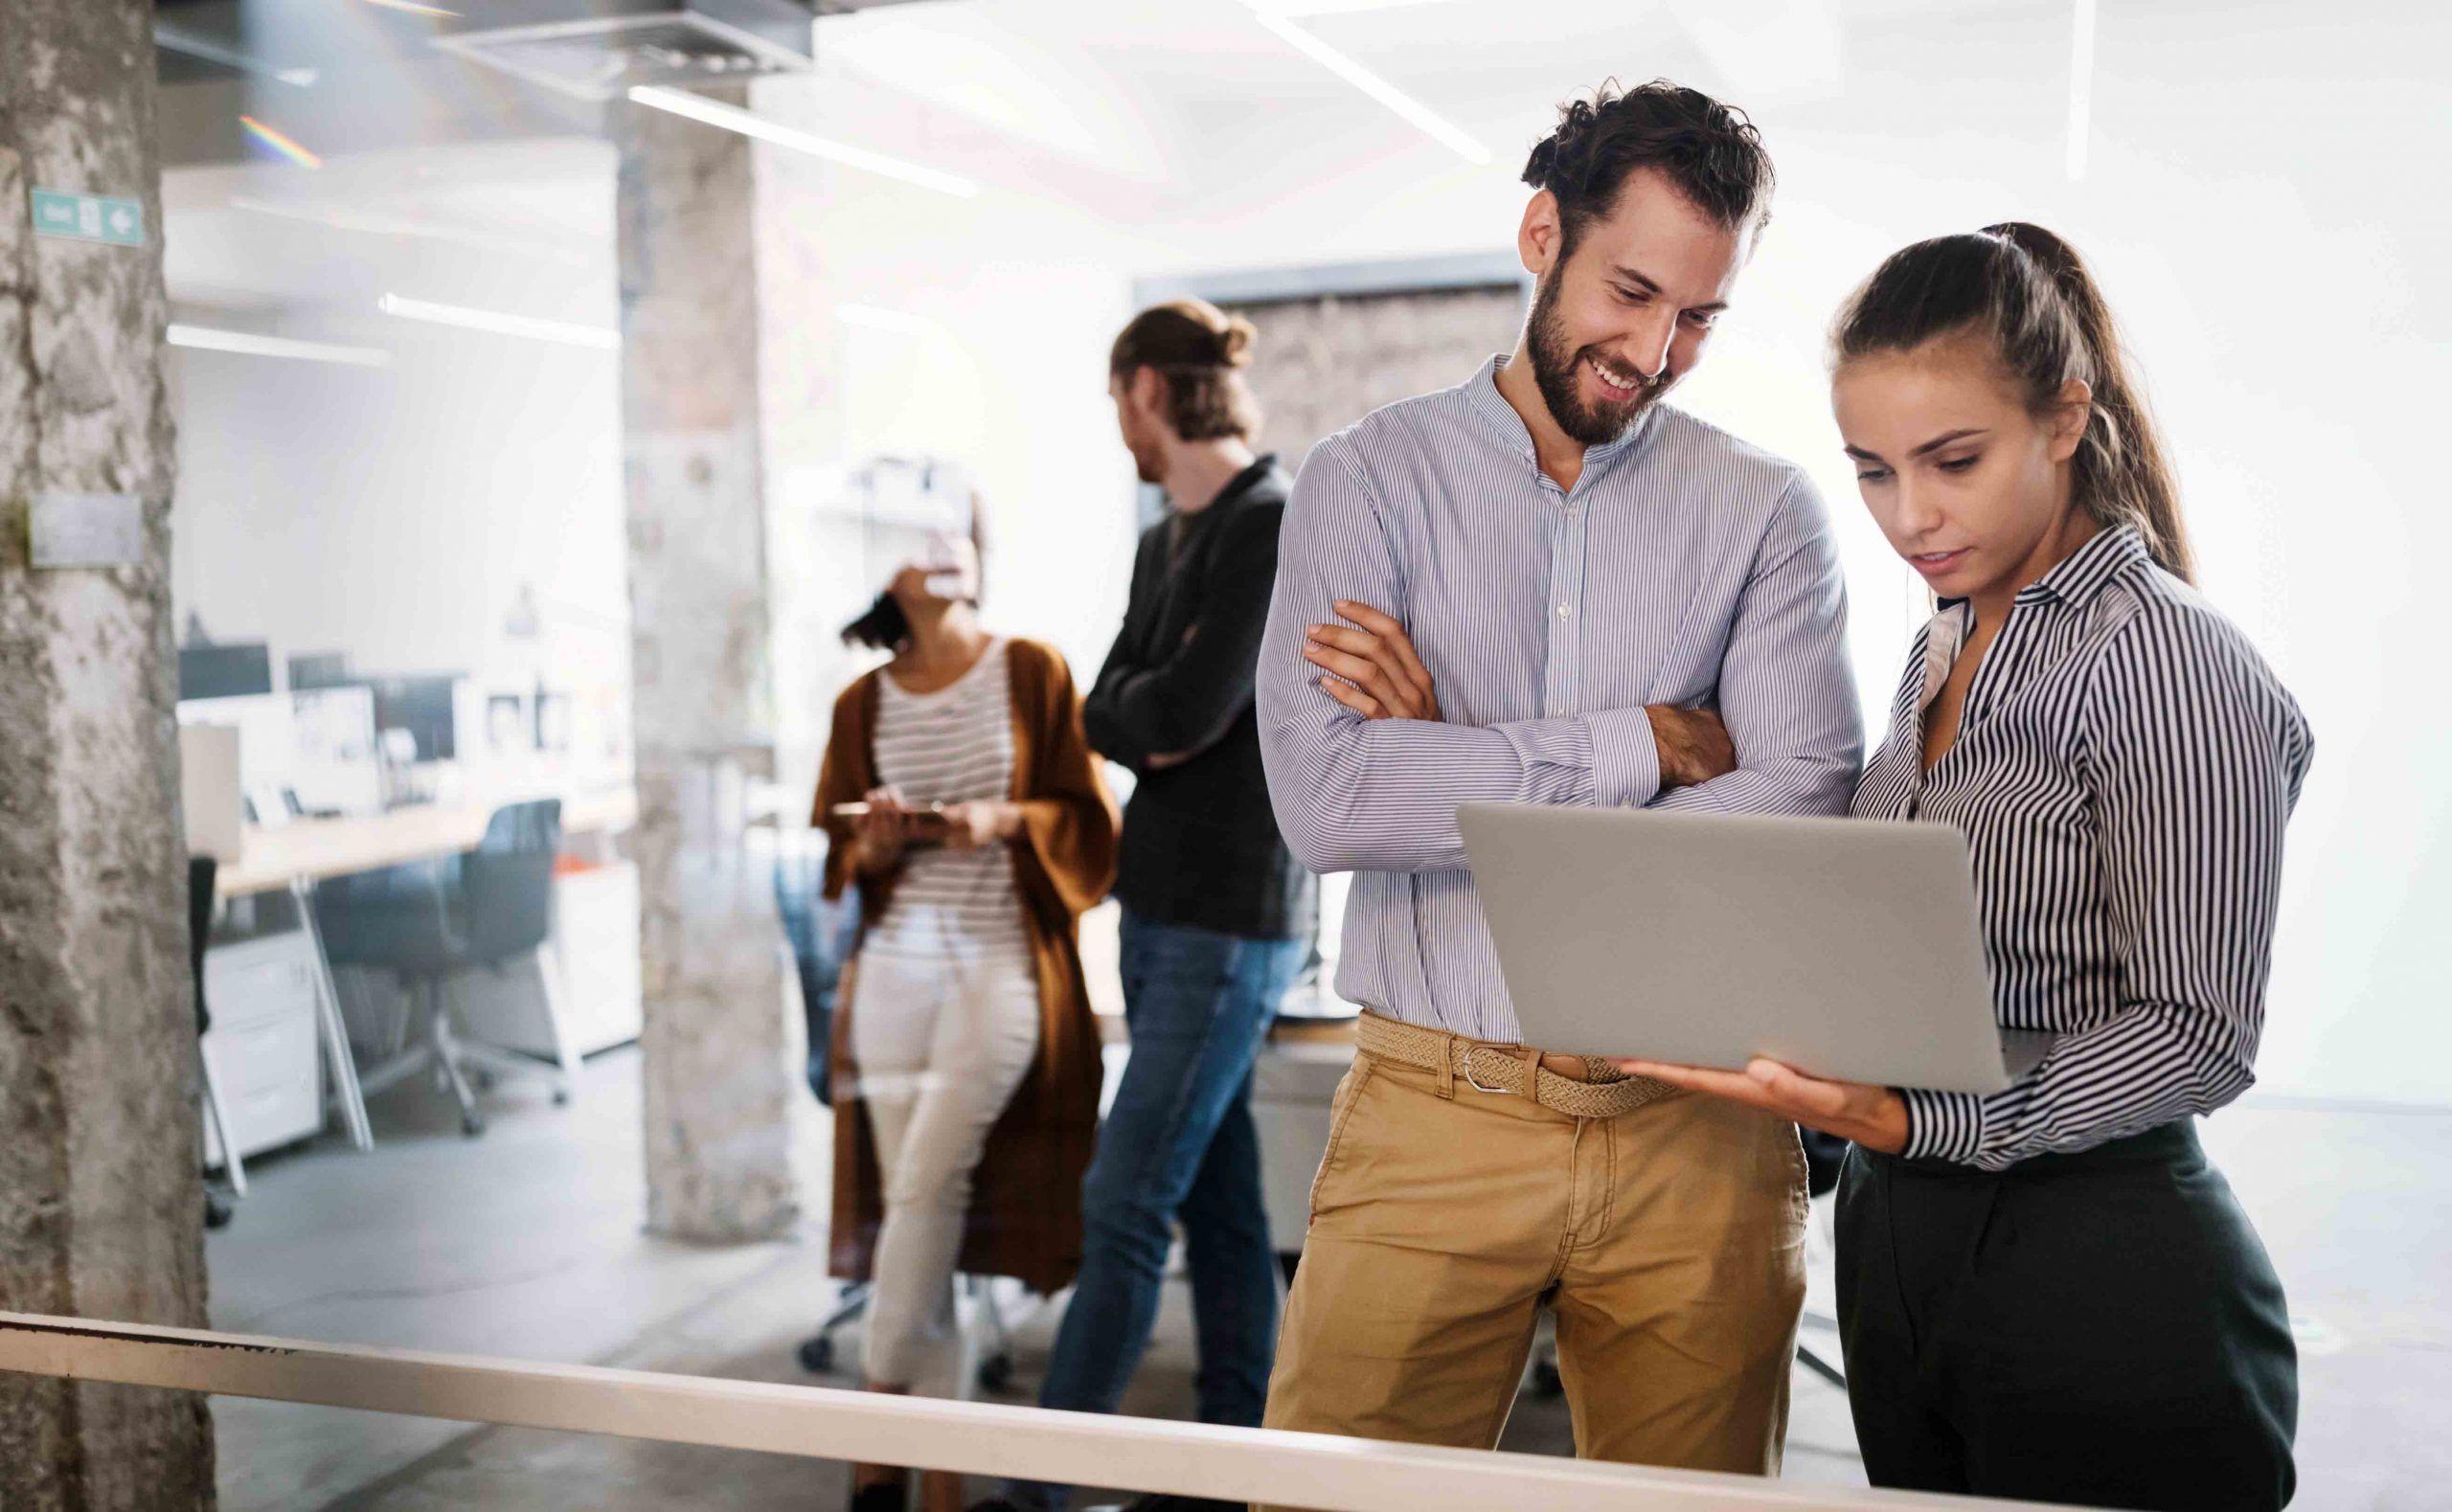 4 pessoas em um ambiente moderno, de start up, dois em segundo plano e 2 em primeiro plano com a face feliz e um notebook na mão da mulher.